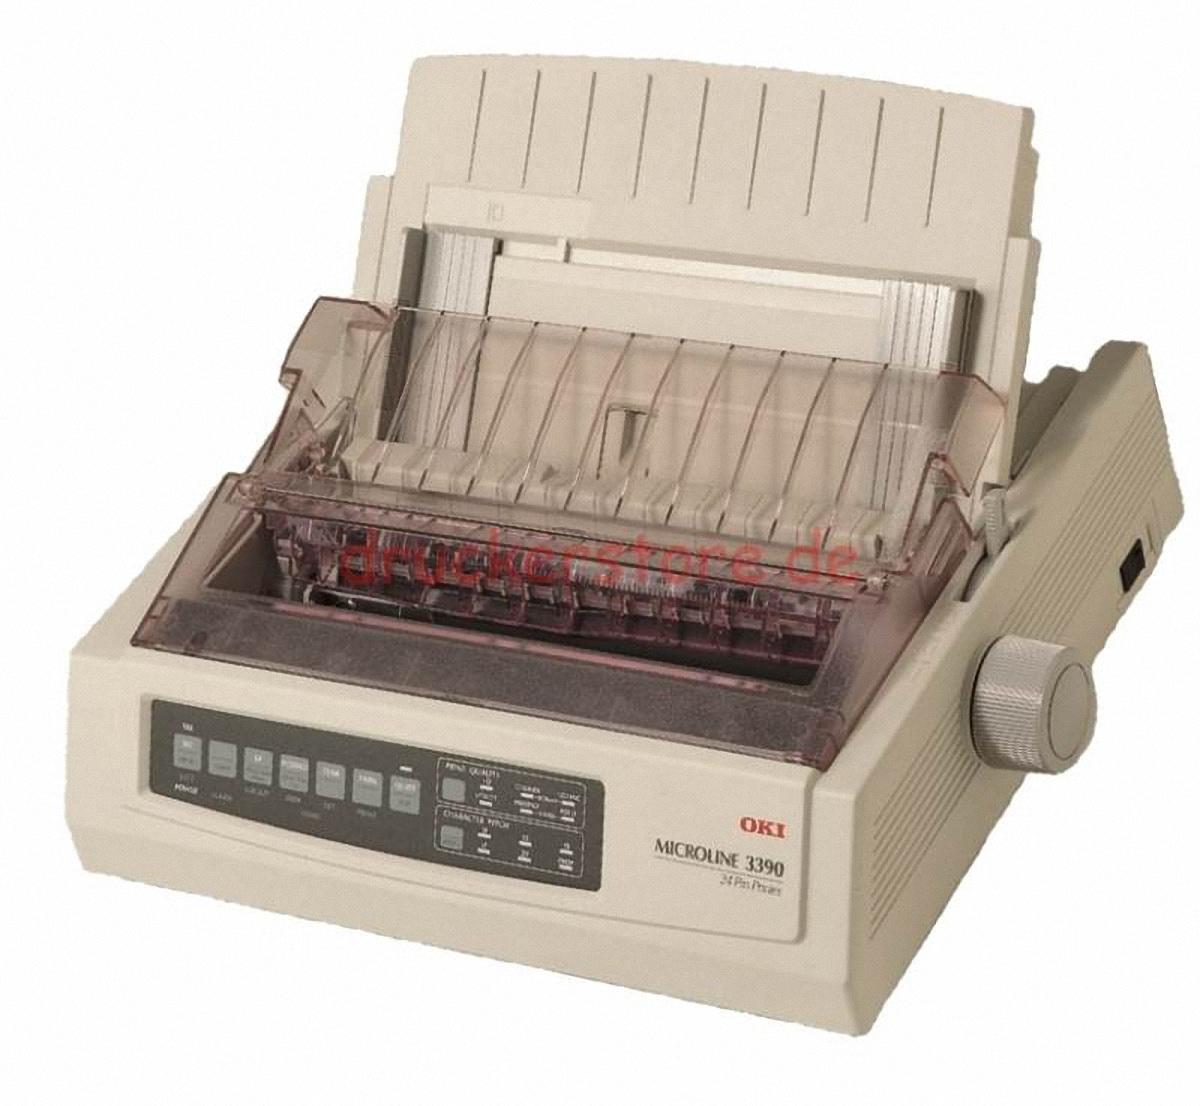 oki microline 3390 arztdrucker apothekendrucker parallel seriell und. Black Bedroom Furniture Sets. Home Design Ideas